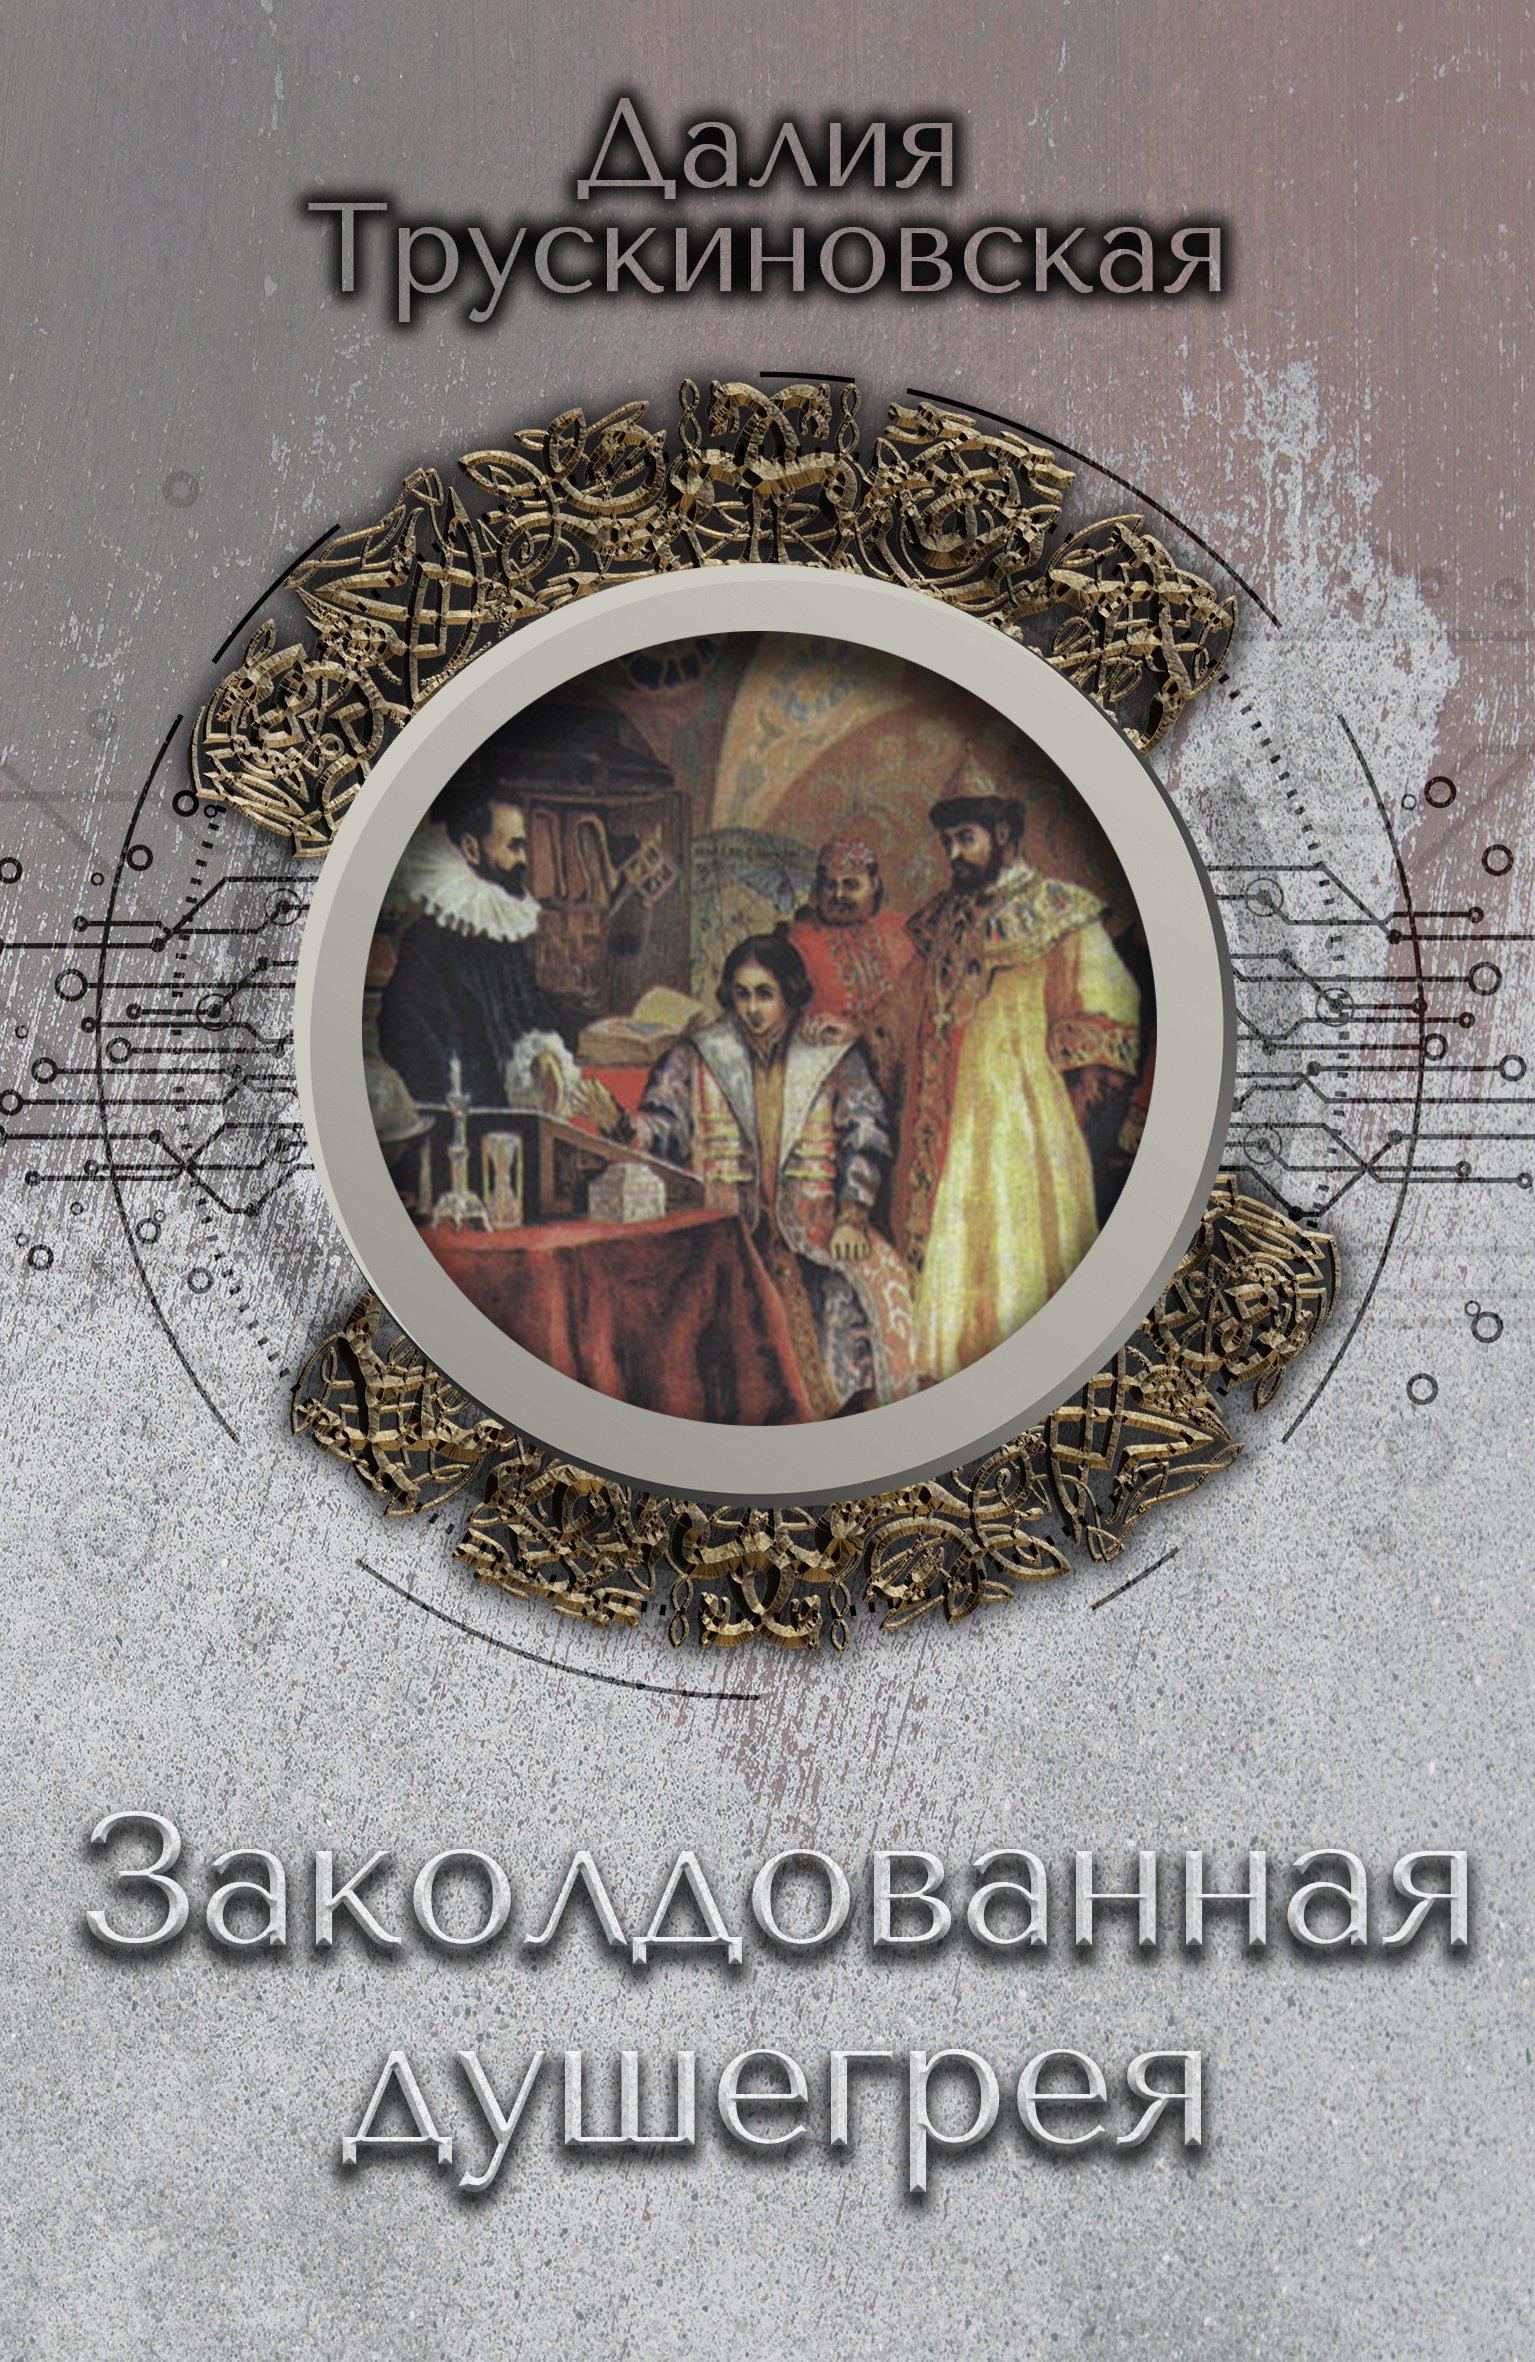 zakoldovannaya dushegreya